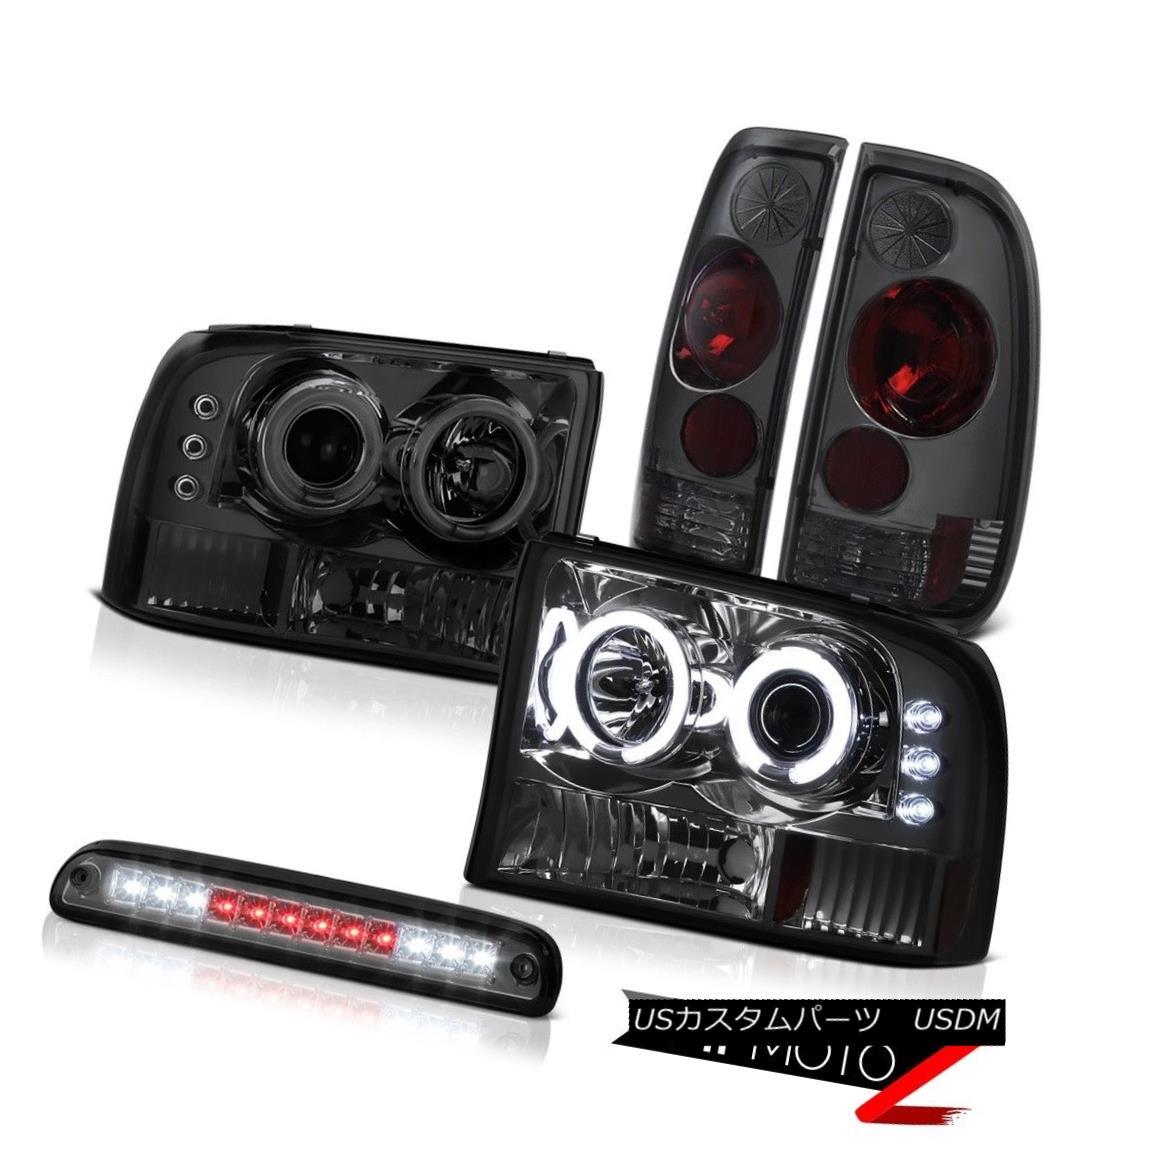 テールライト Quality CCFL Rim Headlights Stop LED Rear Brake TailLight 1999-2004 Ford F350 品質CCFLリムヘッドライトストップLEDリアブレーキTailLight 1999-2004 Ford F350